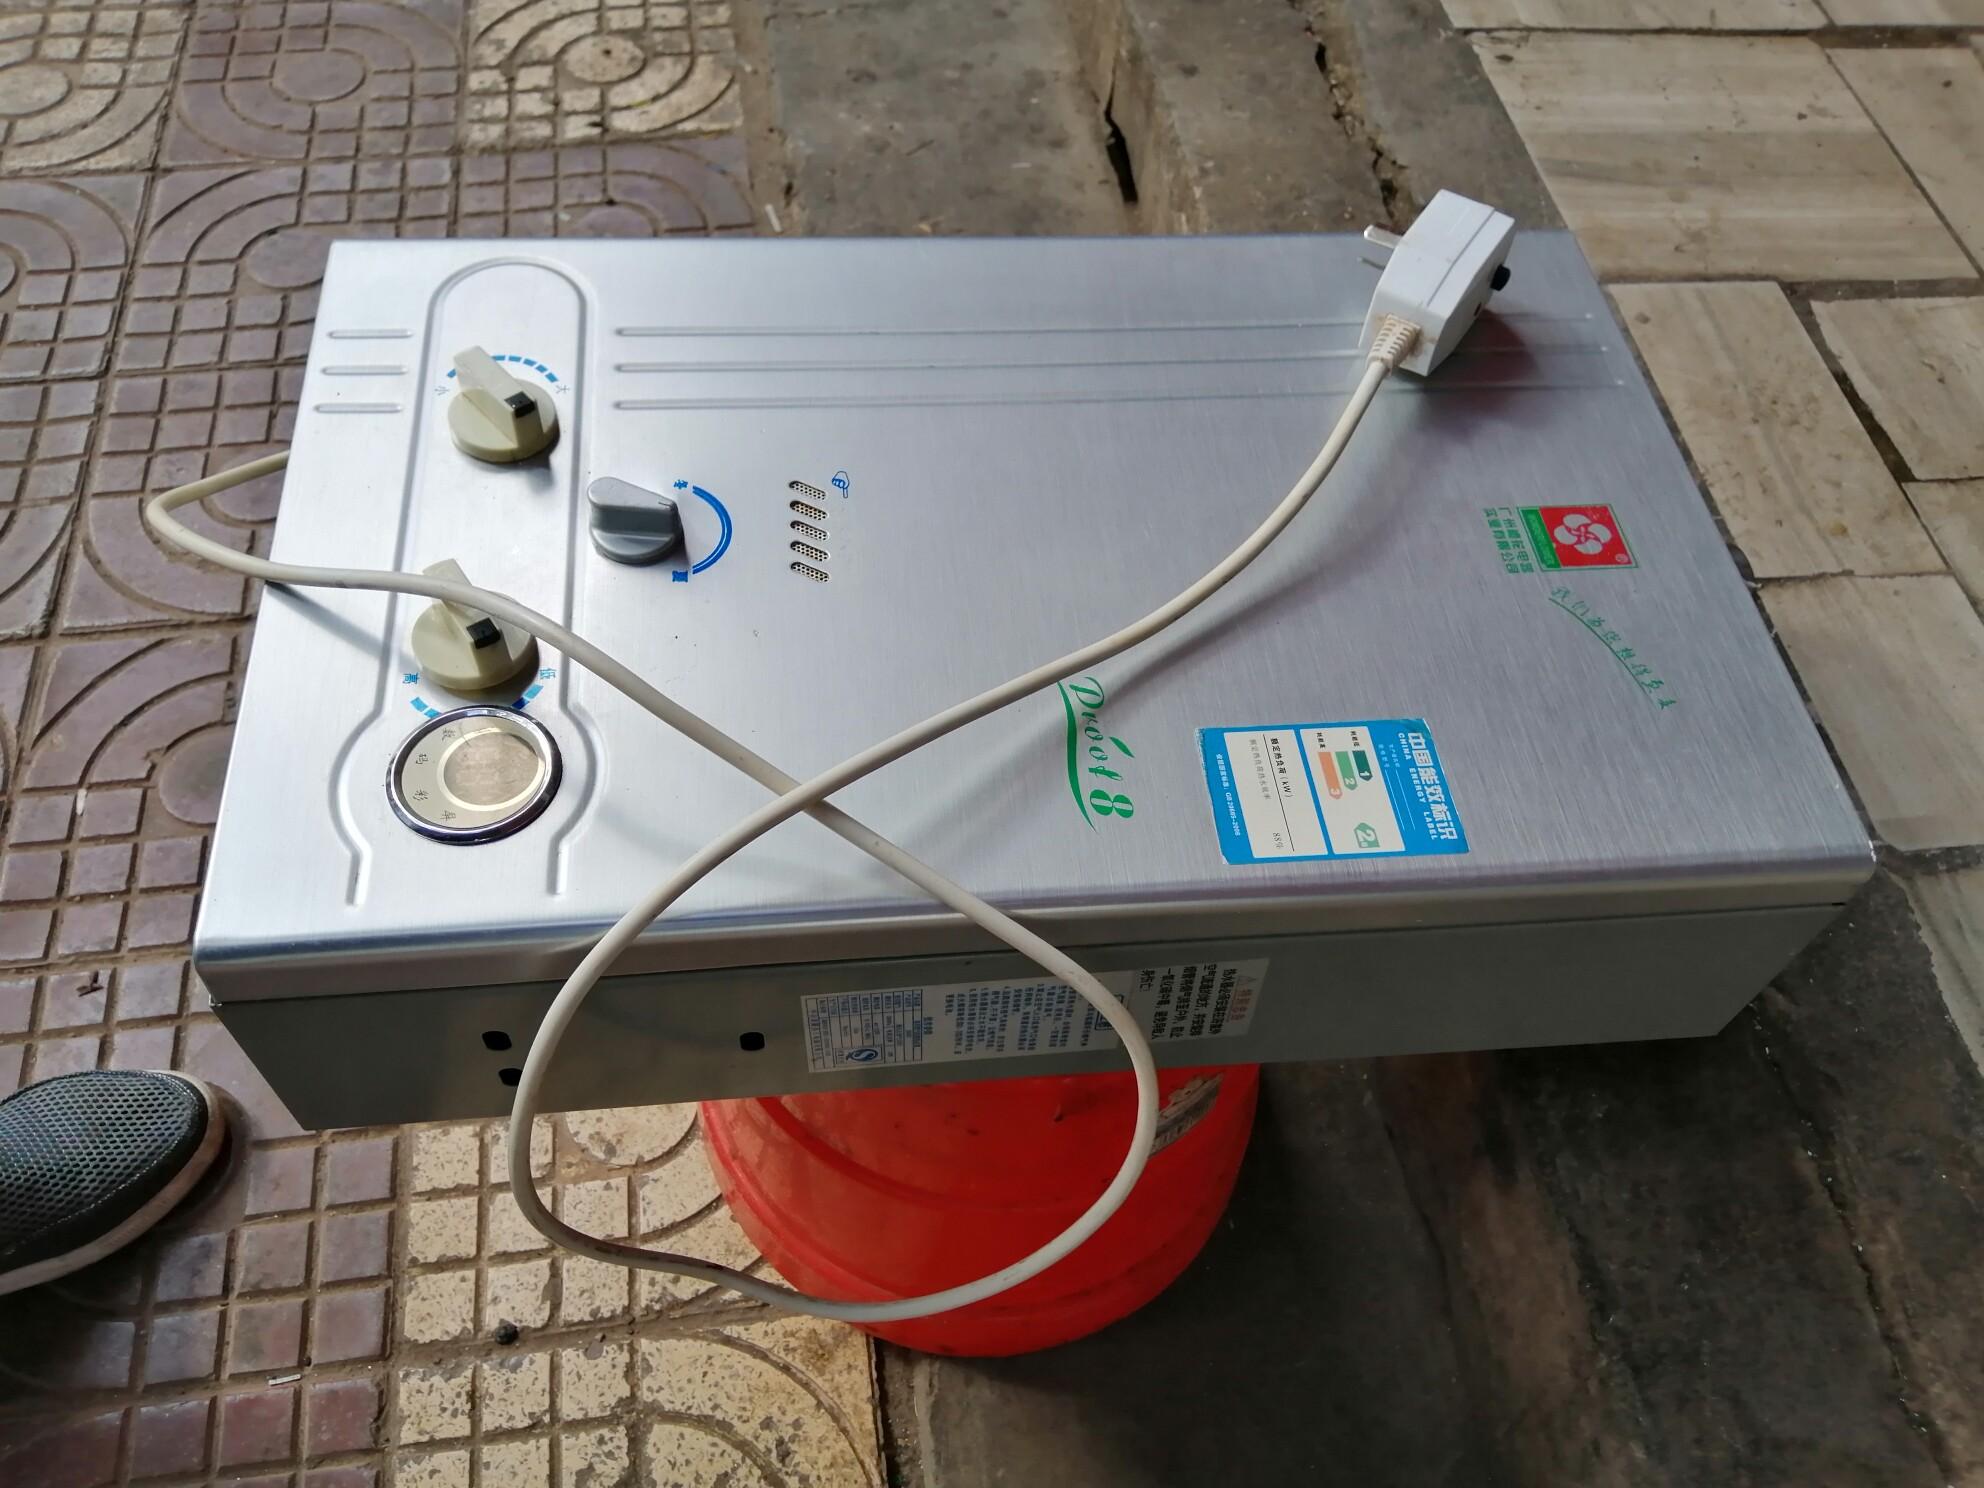 樱花天然气热水器,功能完好,便宜处理!9新,质量很好!